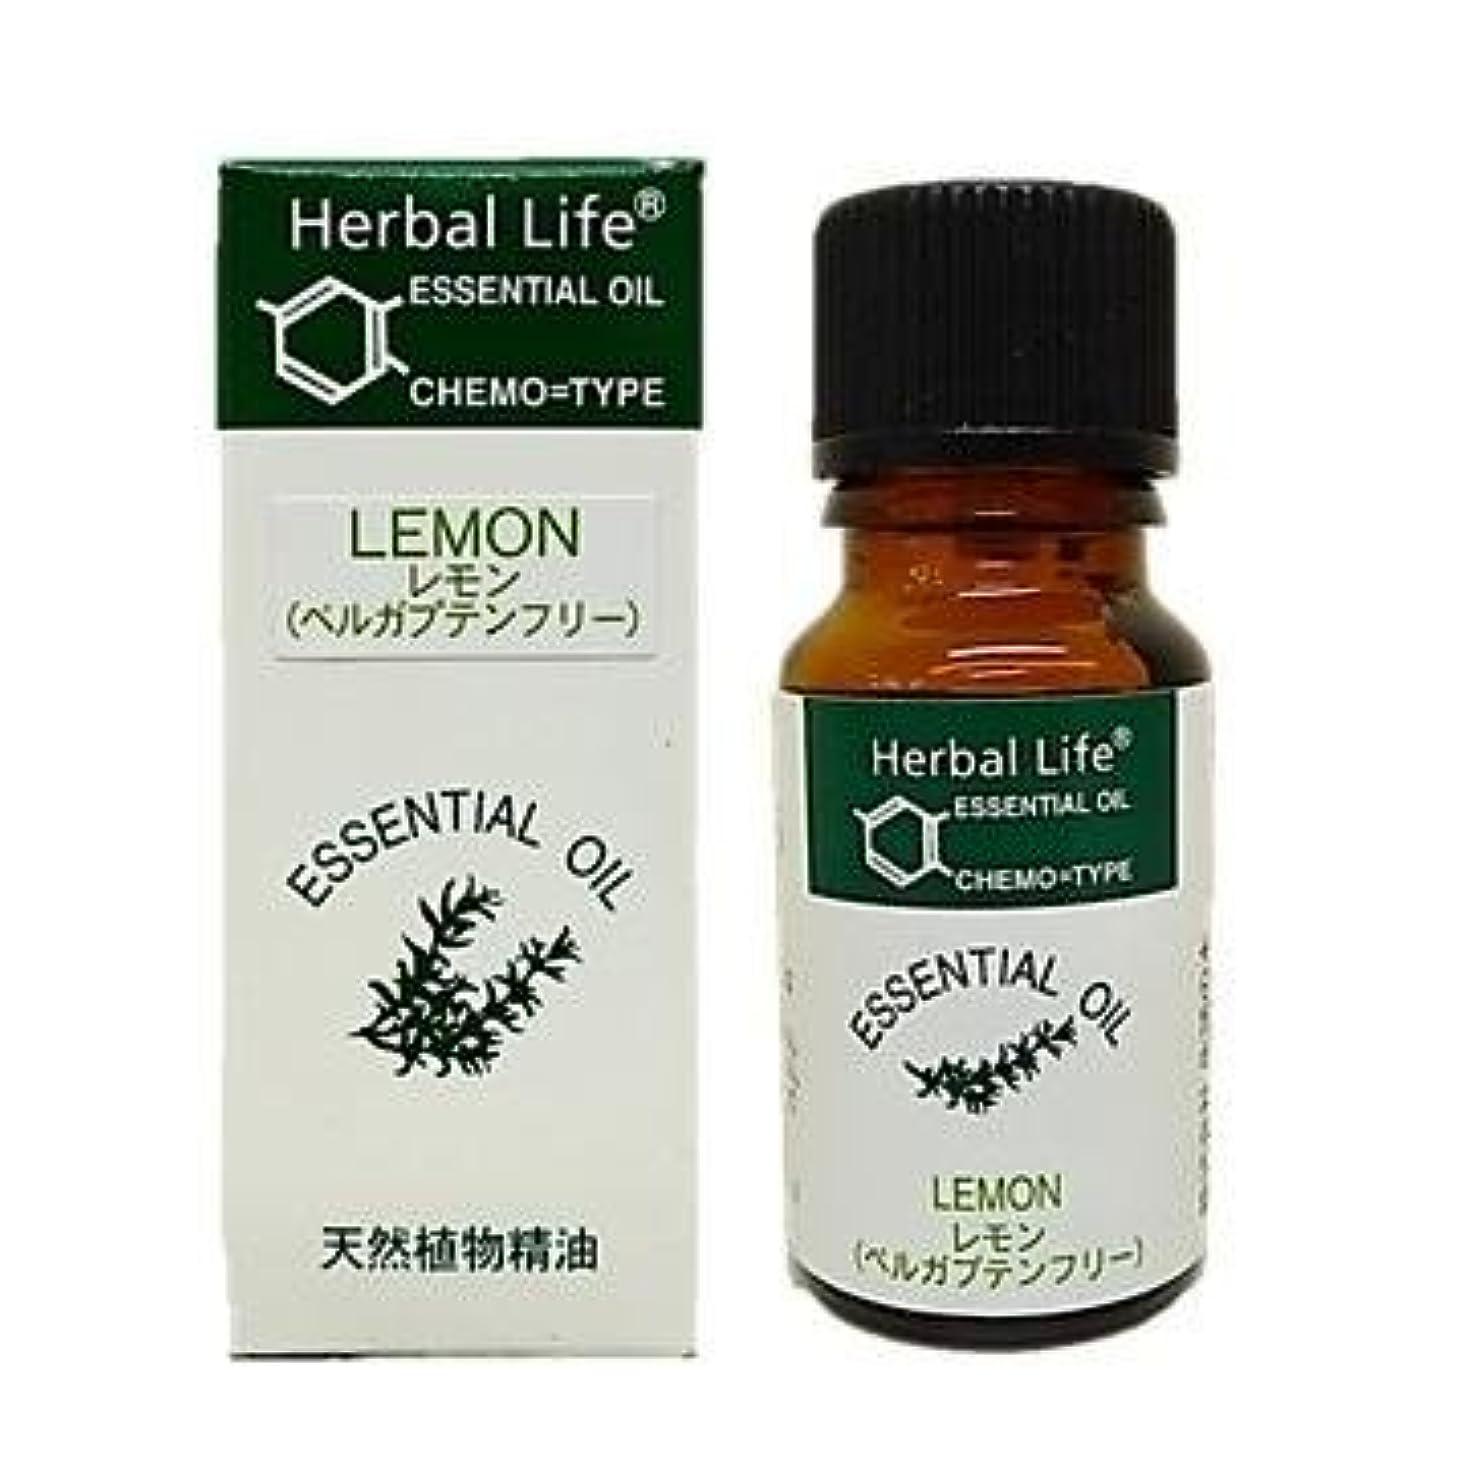 ステップ不健全警告する生活の木 レモン(フロクマリンフリー)10ml エッセンシャルオイル/精油